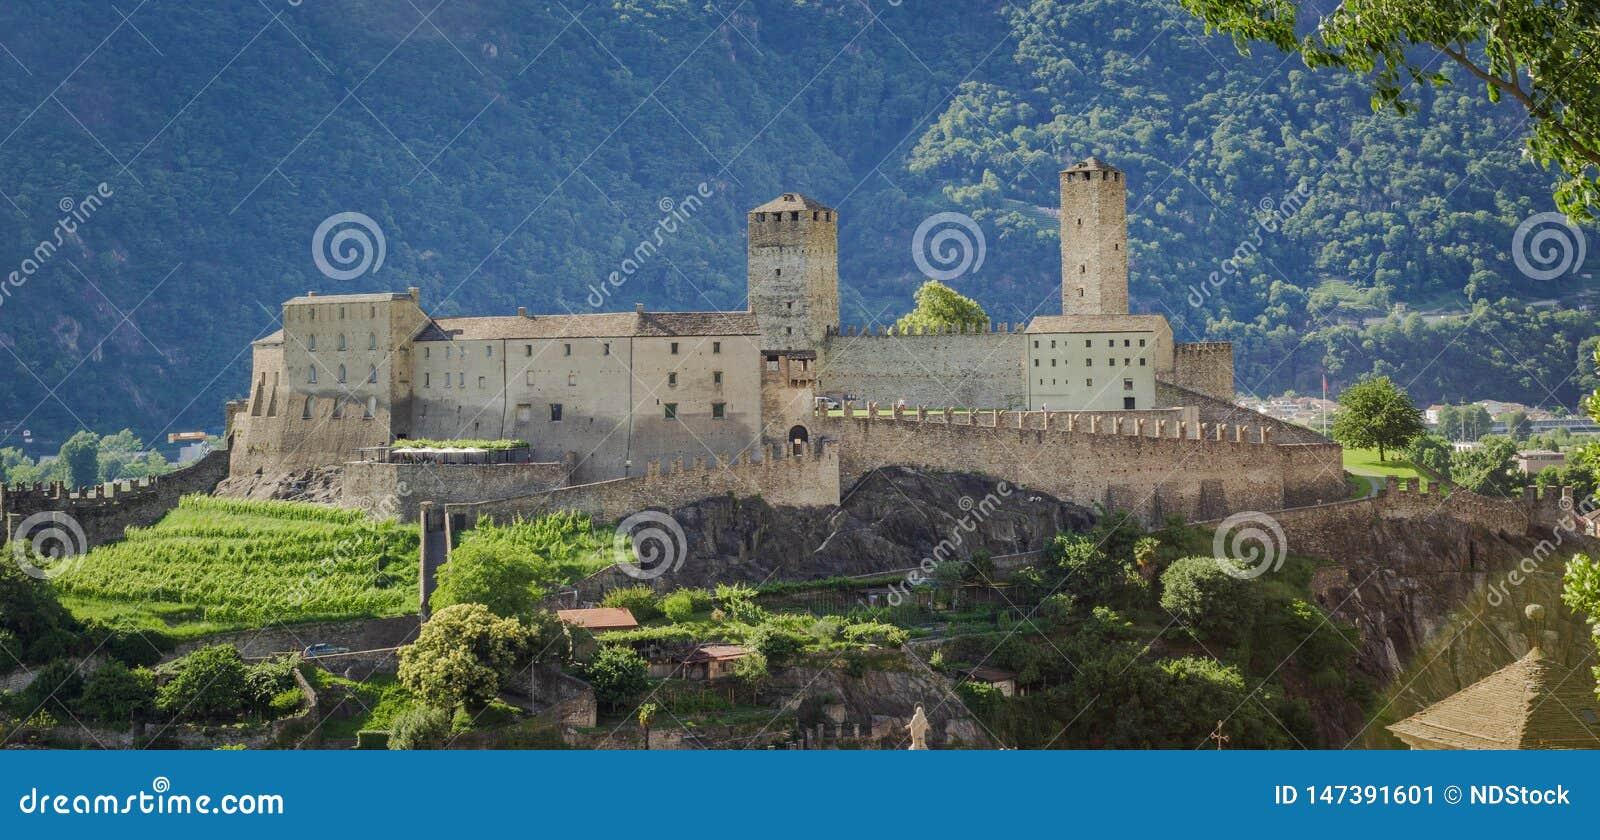 Immagine del paesaggio di Castelgrande sopra la citt? di Bellinzona